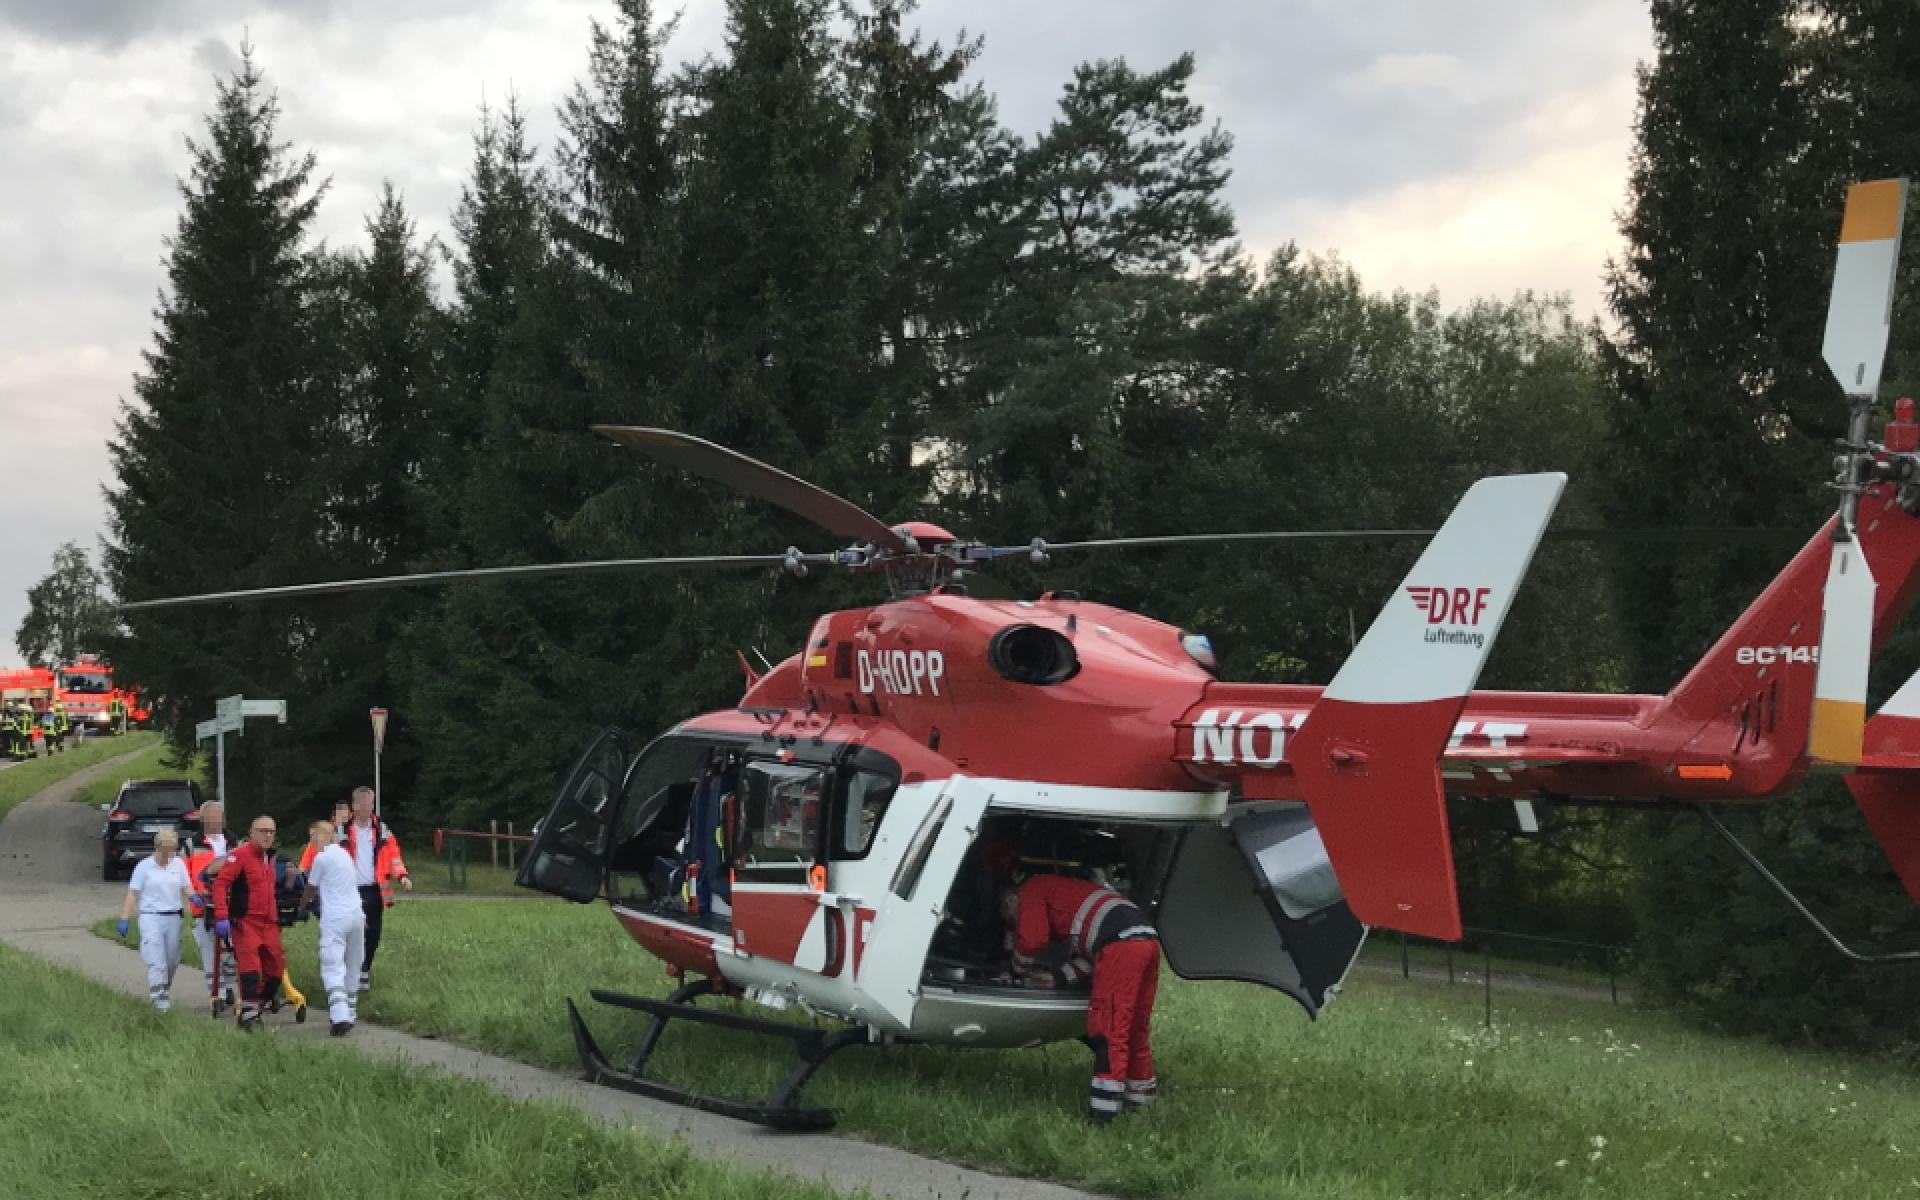 Nachdem der 53-Jährige aus dem Unfallwagen befreit worden ist, lädt ihn das Team von Christoph 51 in den Hubschrauber und hebt schleunigst ab.